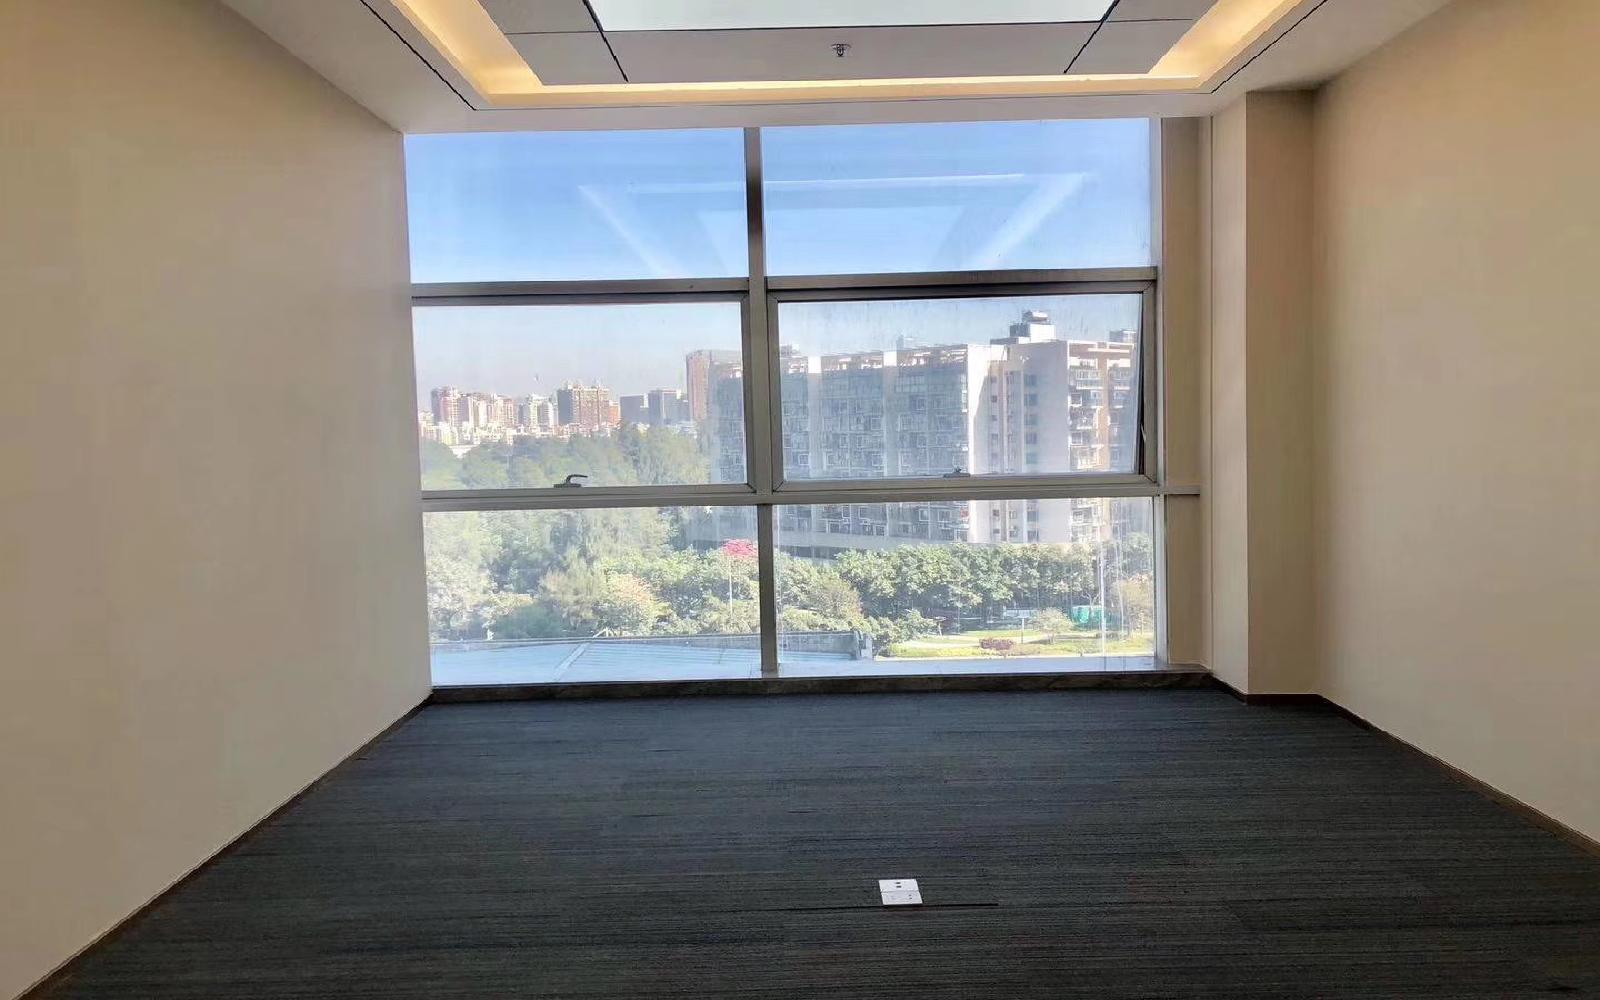 南山-后海 冠华大厦 336m²